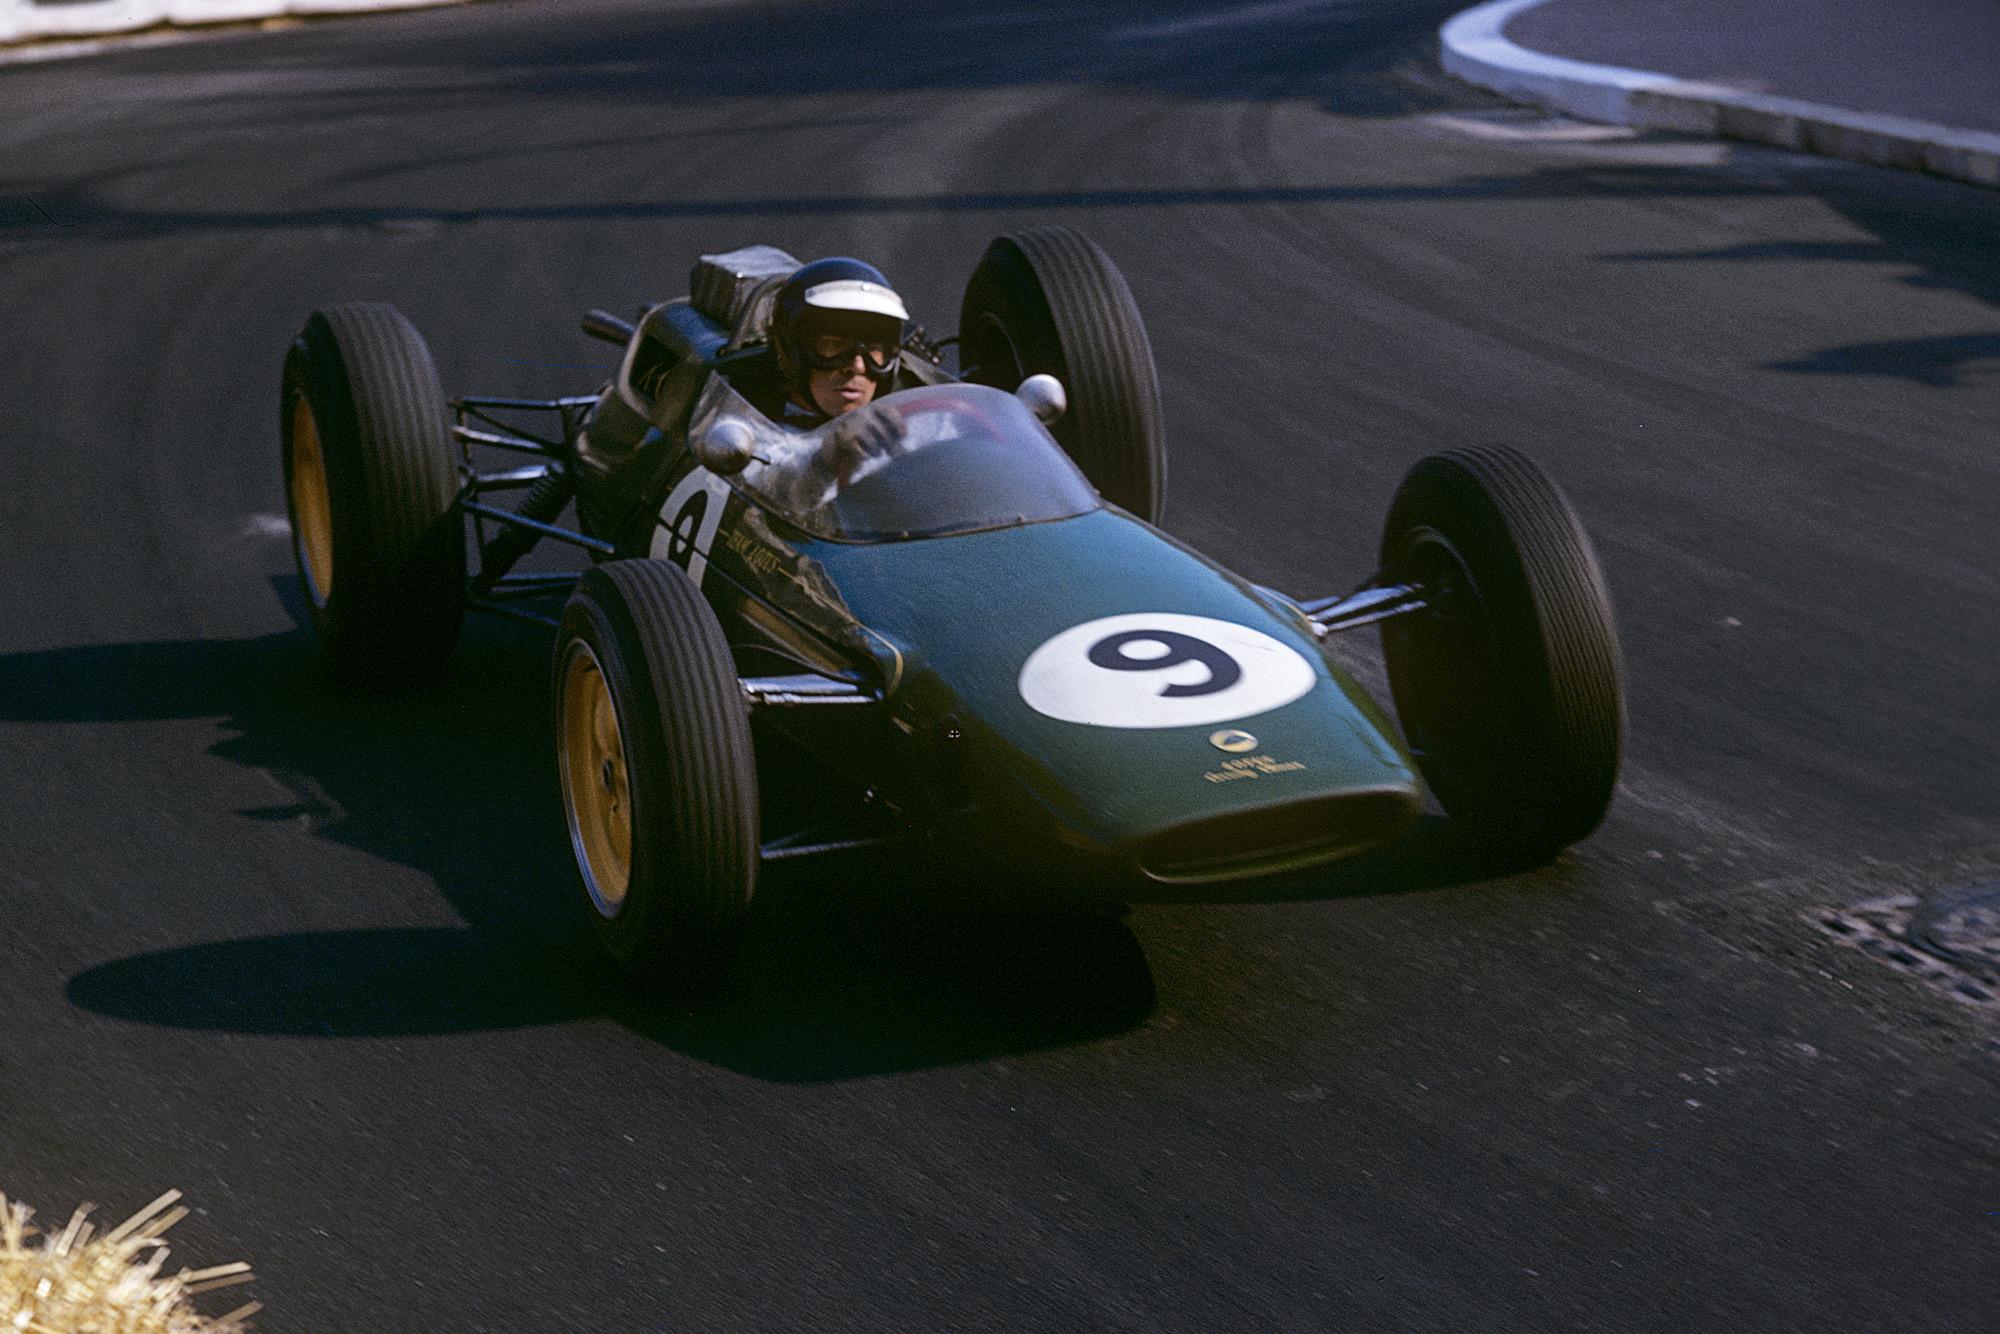 Jim Clark in the 1963 Monaco Grand Prix